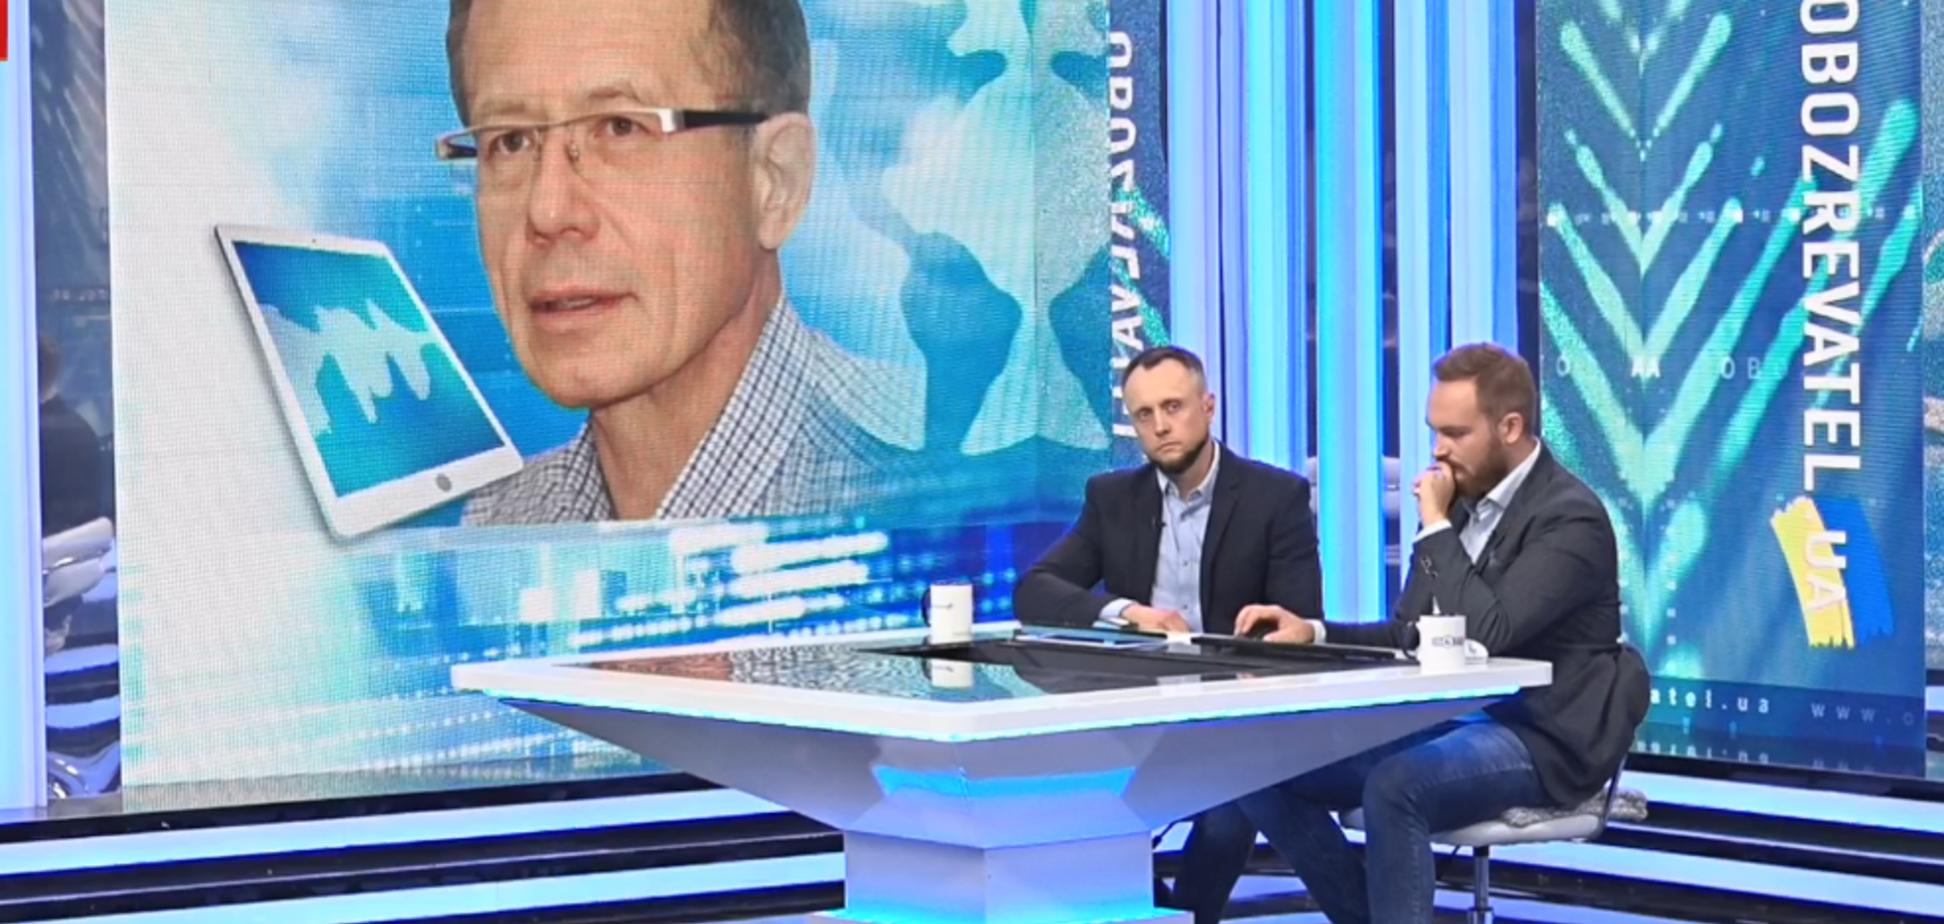 США и Европа не чувствуют опасности со стороны России - эксперт-международник